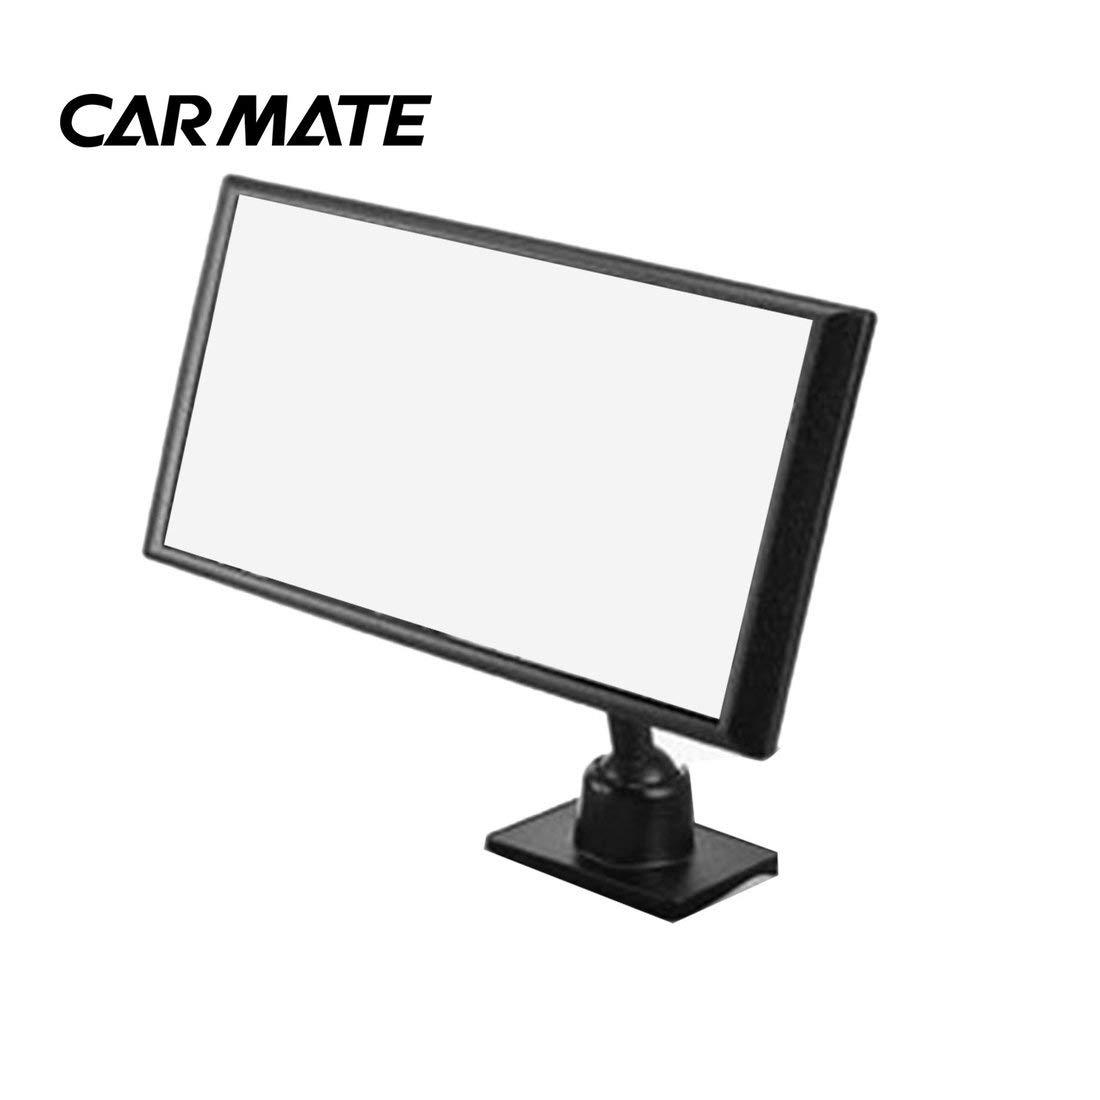 Specchietto retrovisore auto CARMATE CZ409 per la sicurezza dei bambini sul sedile di sicurezza Specchio di osservazione all'interno dello specchio ausiliario - nero Formulaone